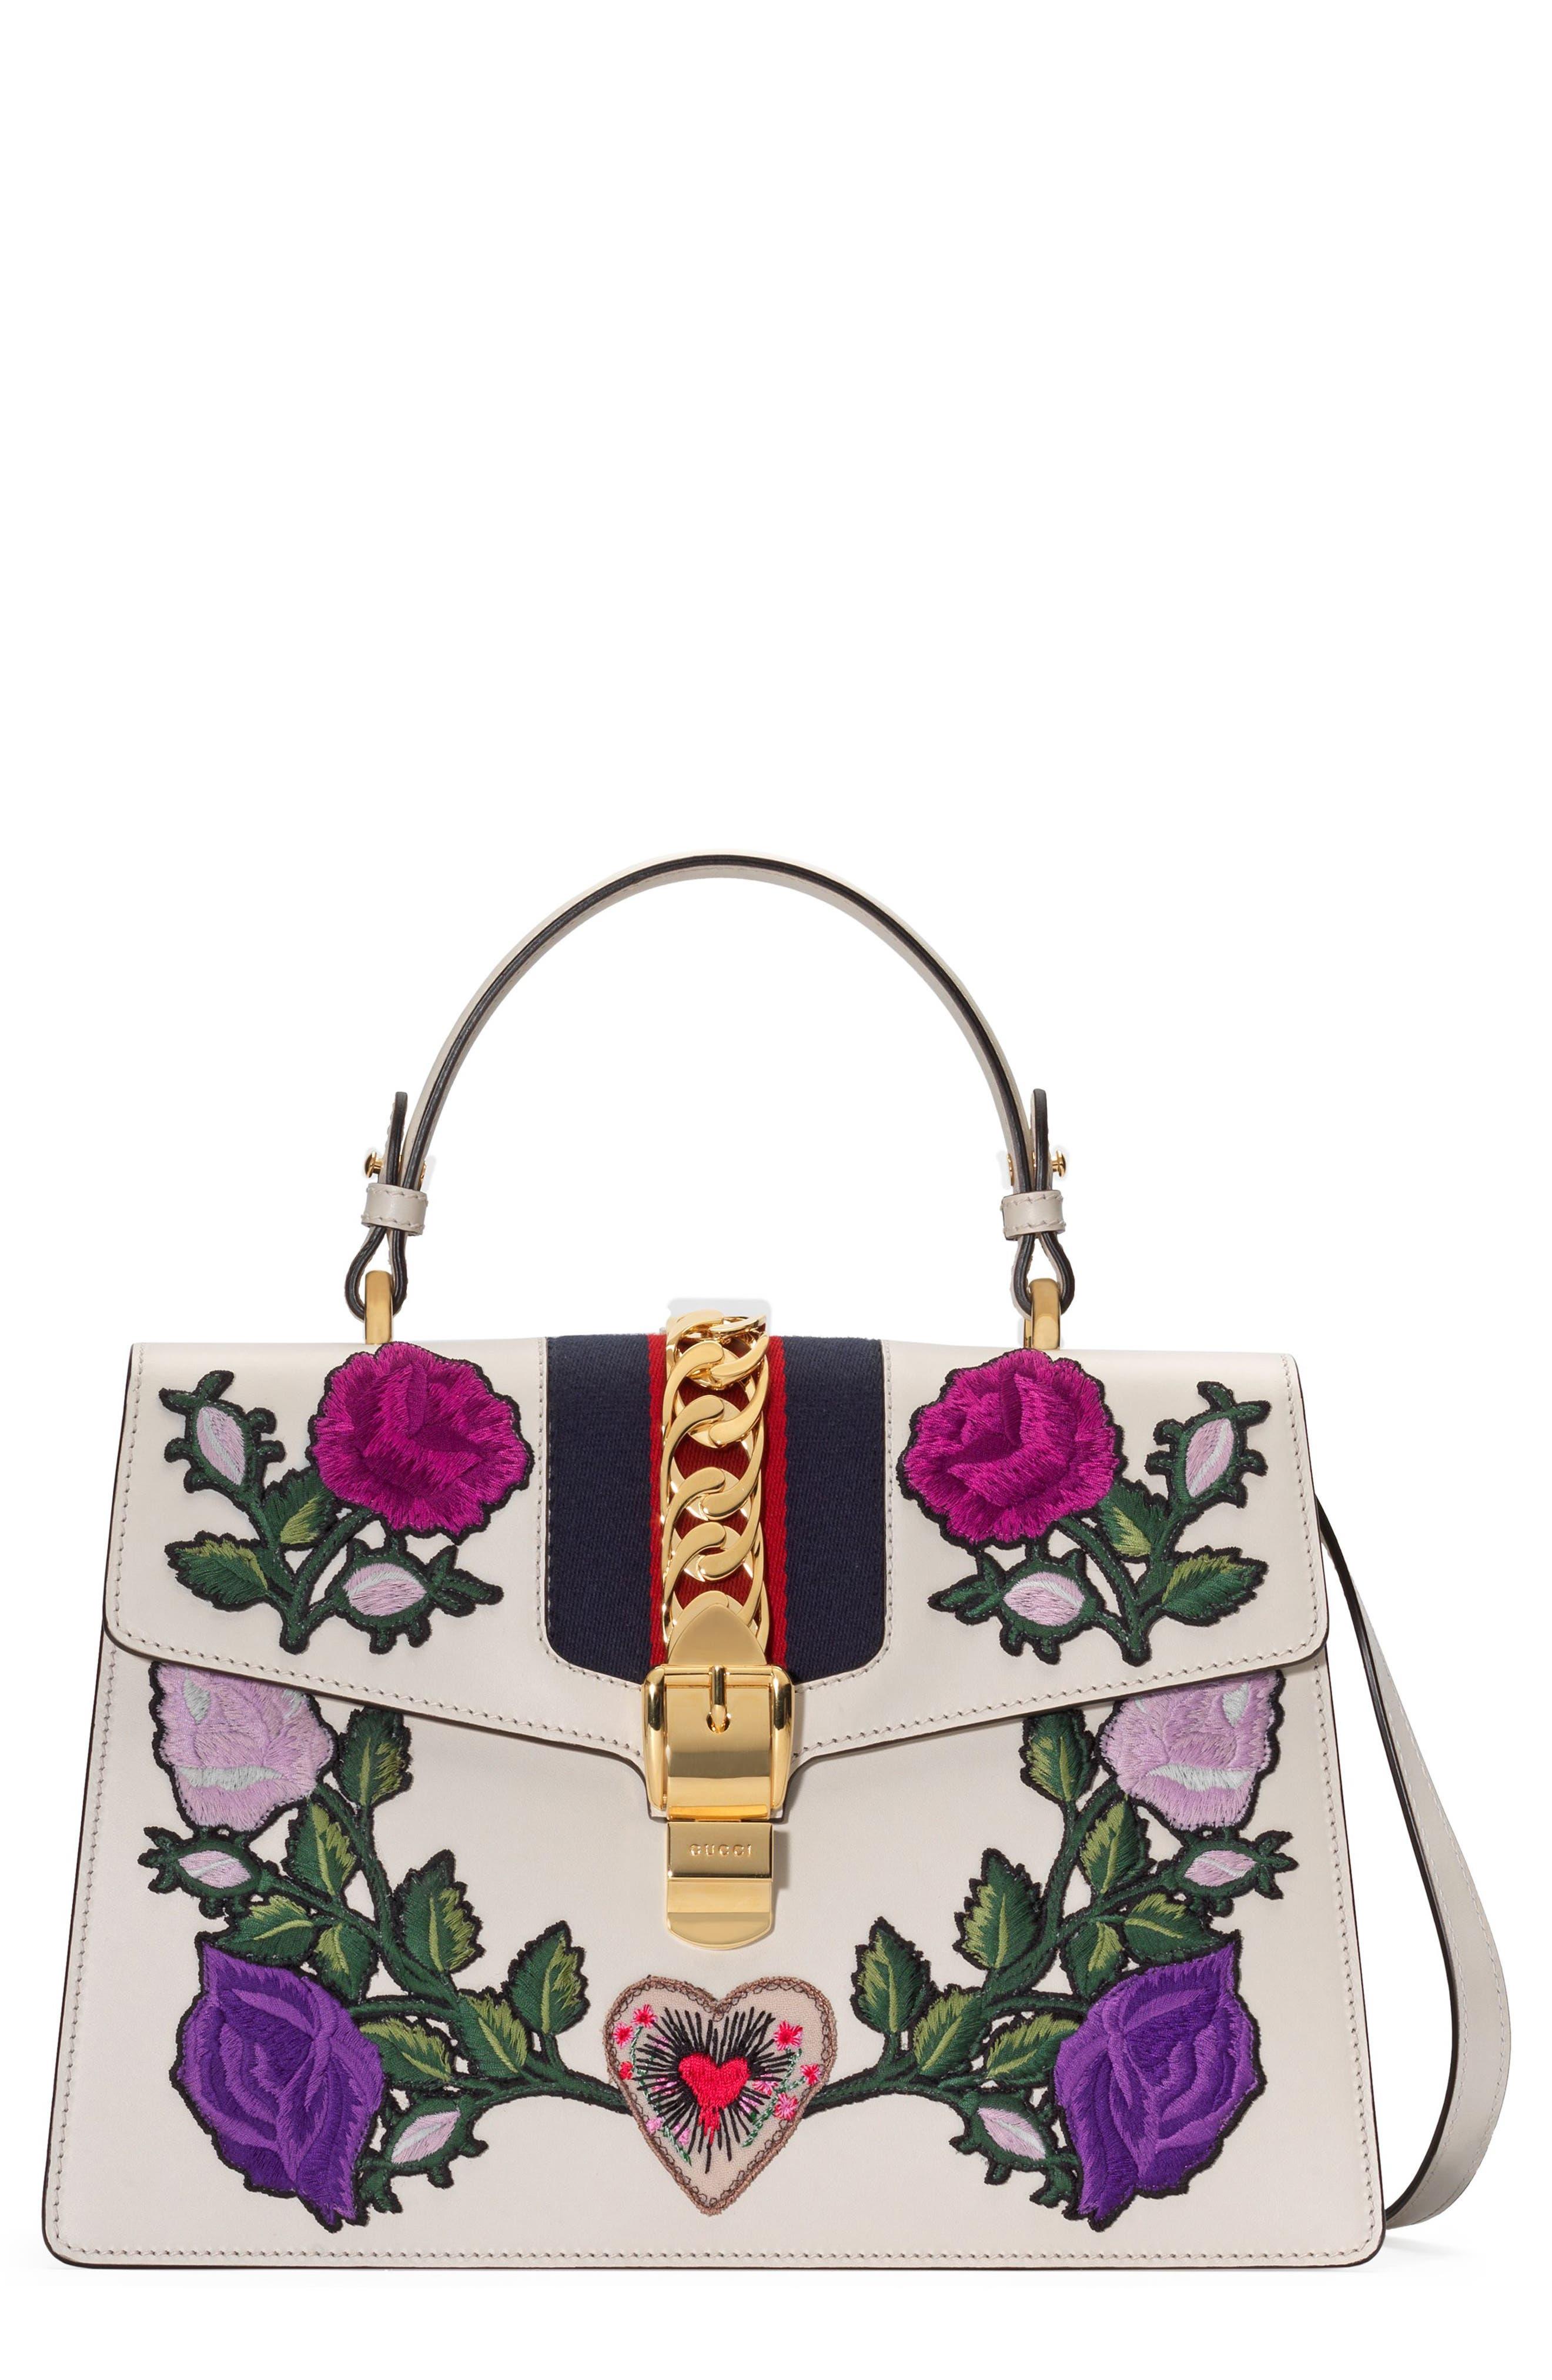 Medium Sylvie Floral Patch Top Handle Leather Shoulder Bag,                             Main thumbnail 1, color,                             176